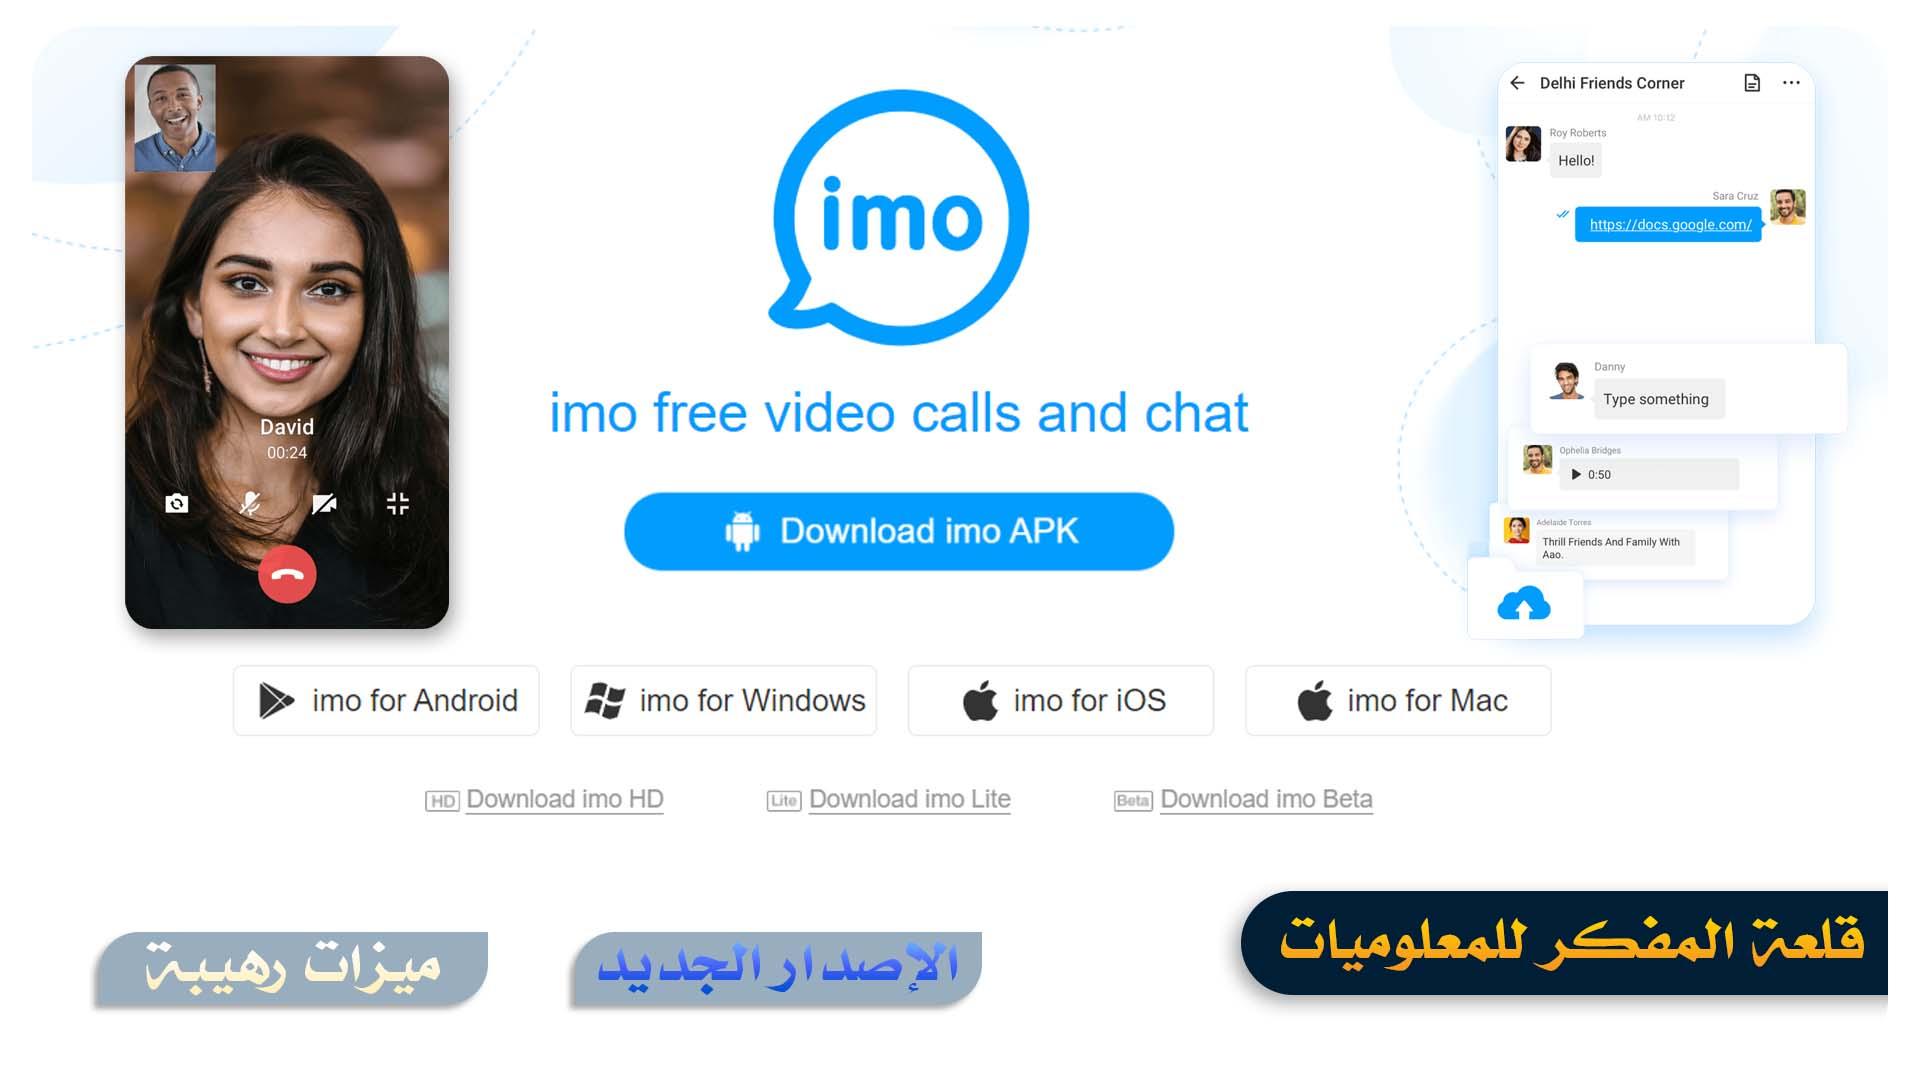 تحميل ايمو للمكالمات المجانية - برنامج ايمو لجميع الأجهزة